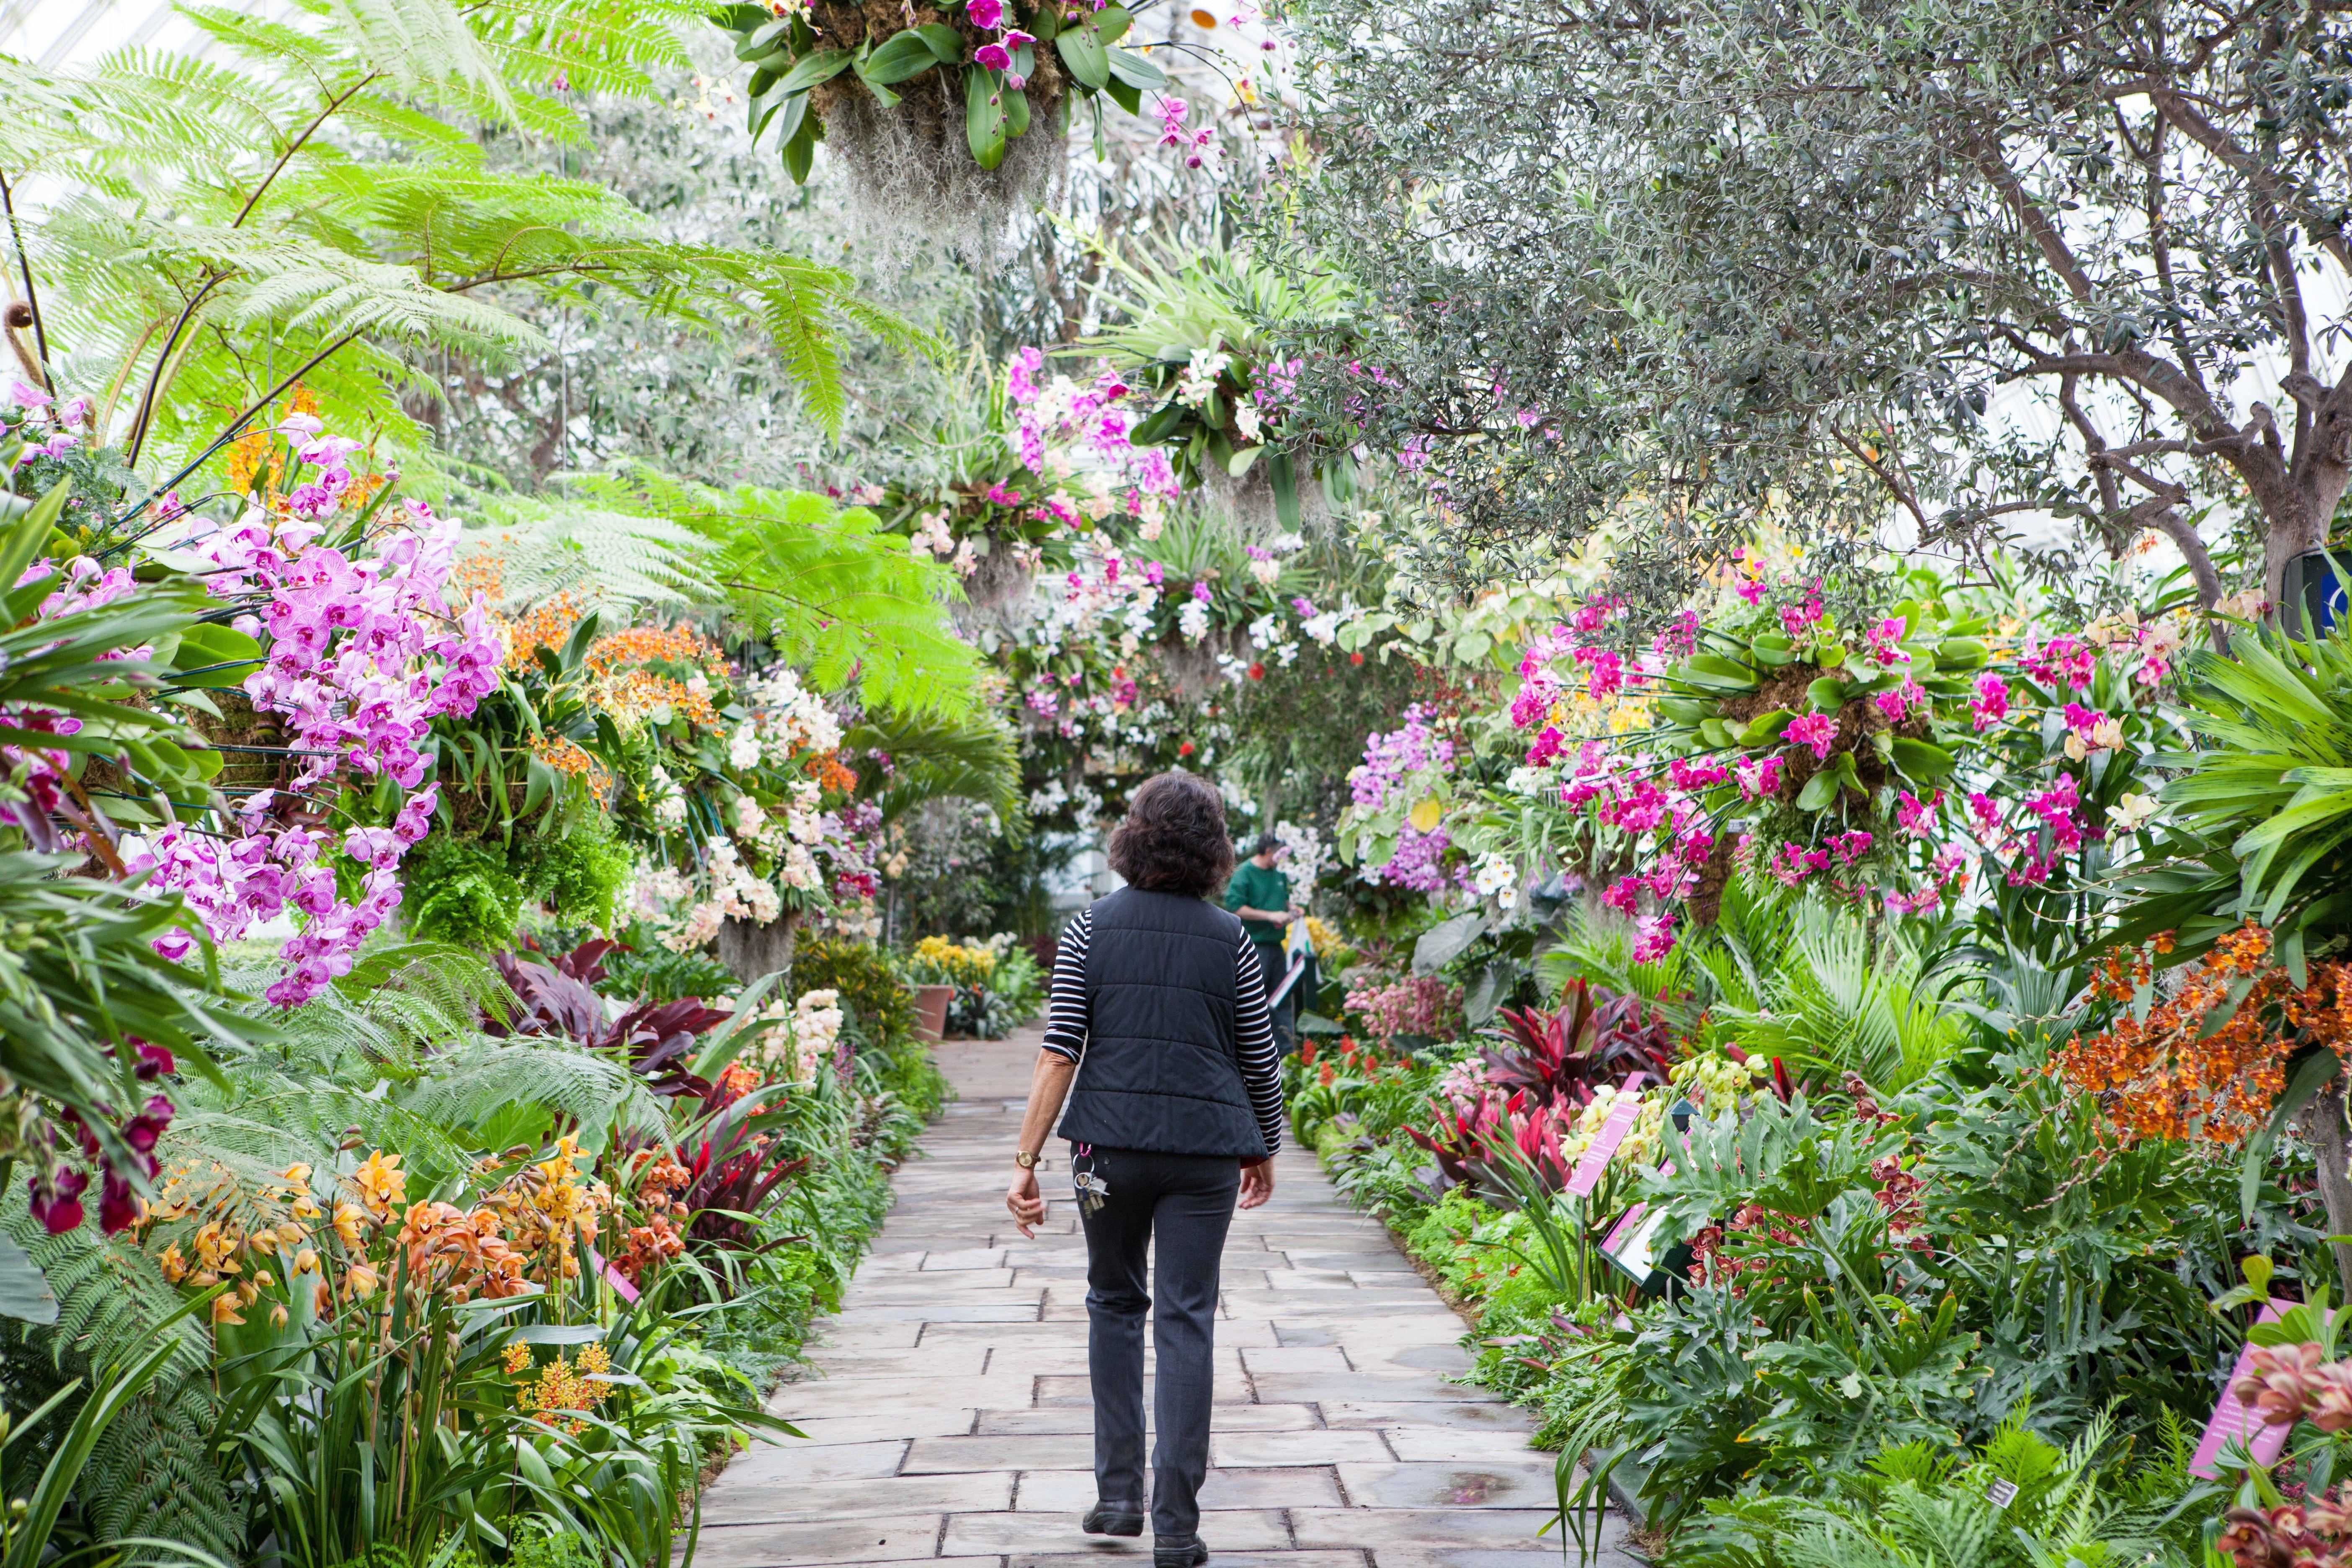 15 Breathtaking Botanical Gardens To Visit This Season Botanical